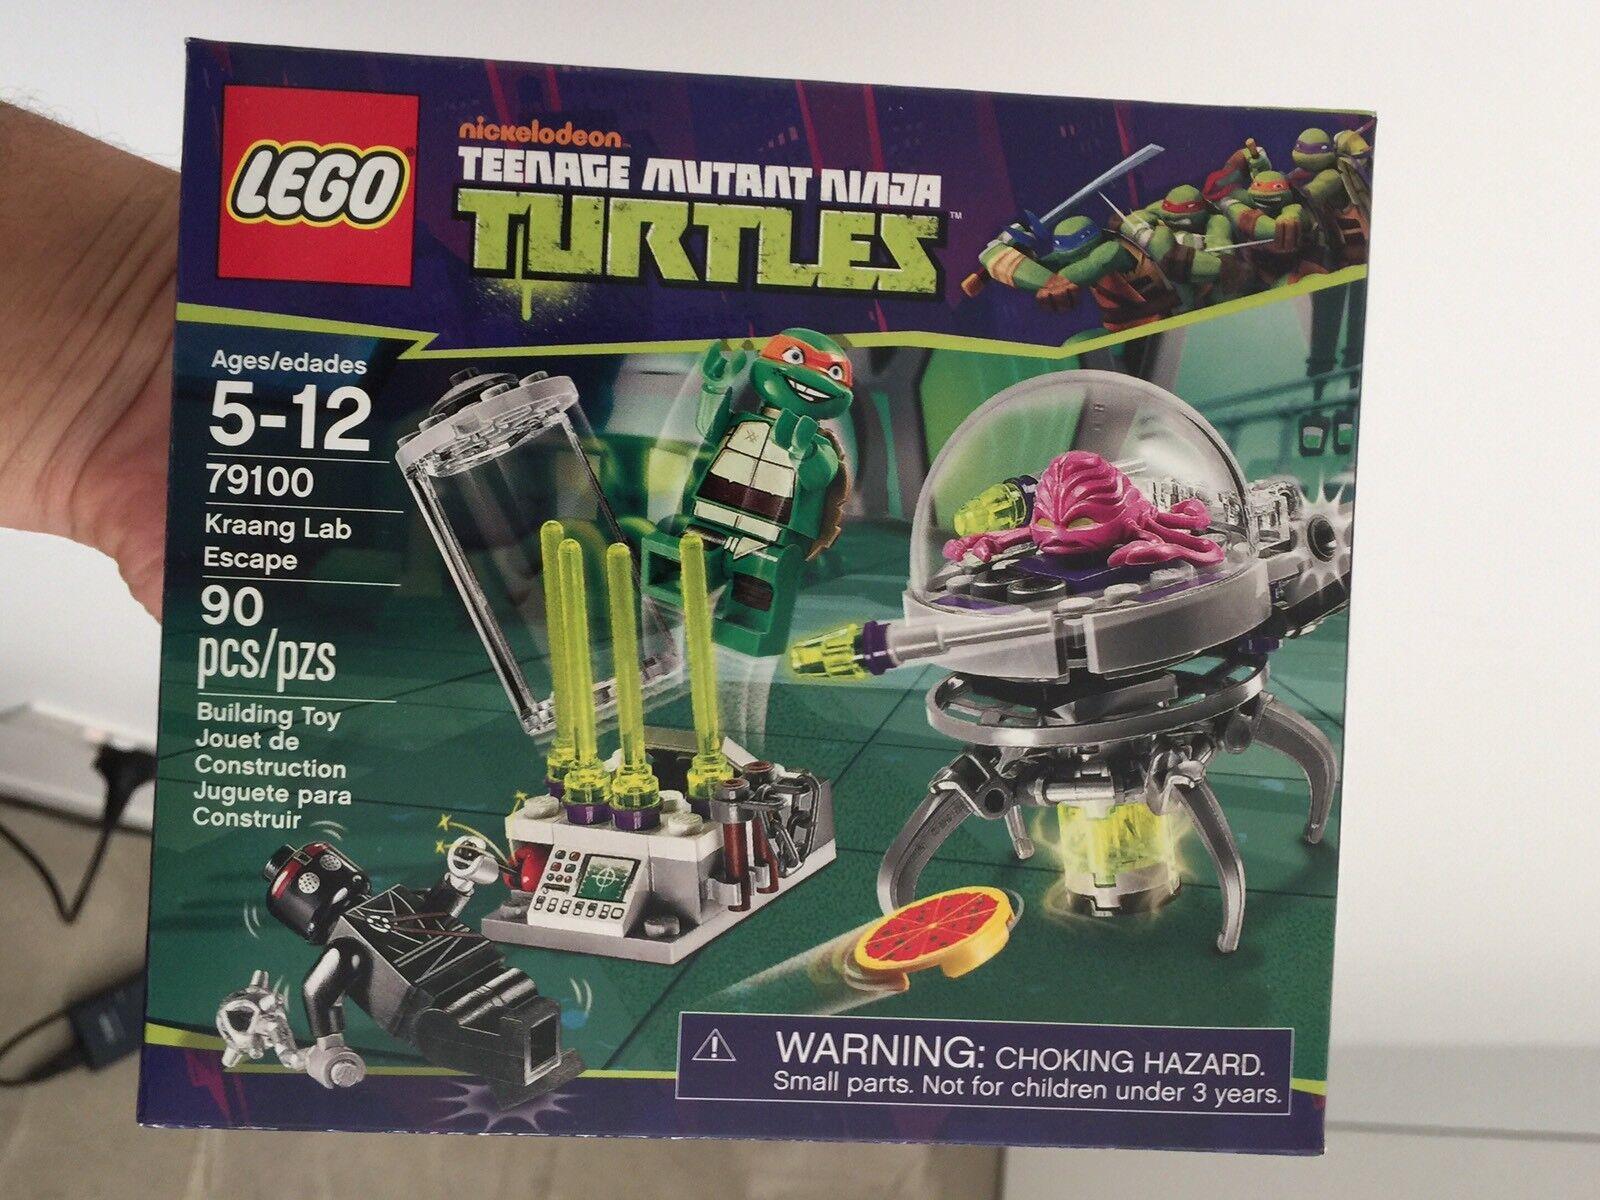 Lego Teenage Mutant Ninja Turtles Tmnt 79100 Kraang Lab Escape